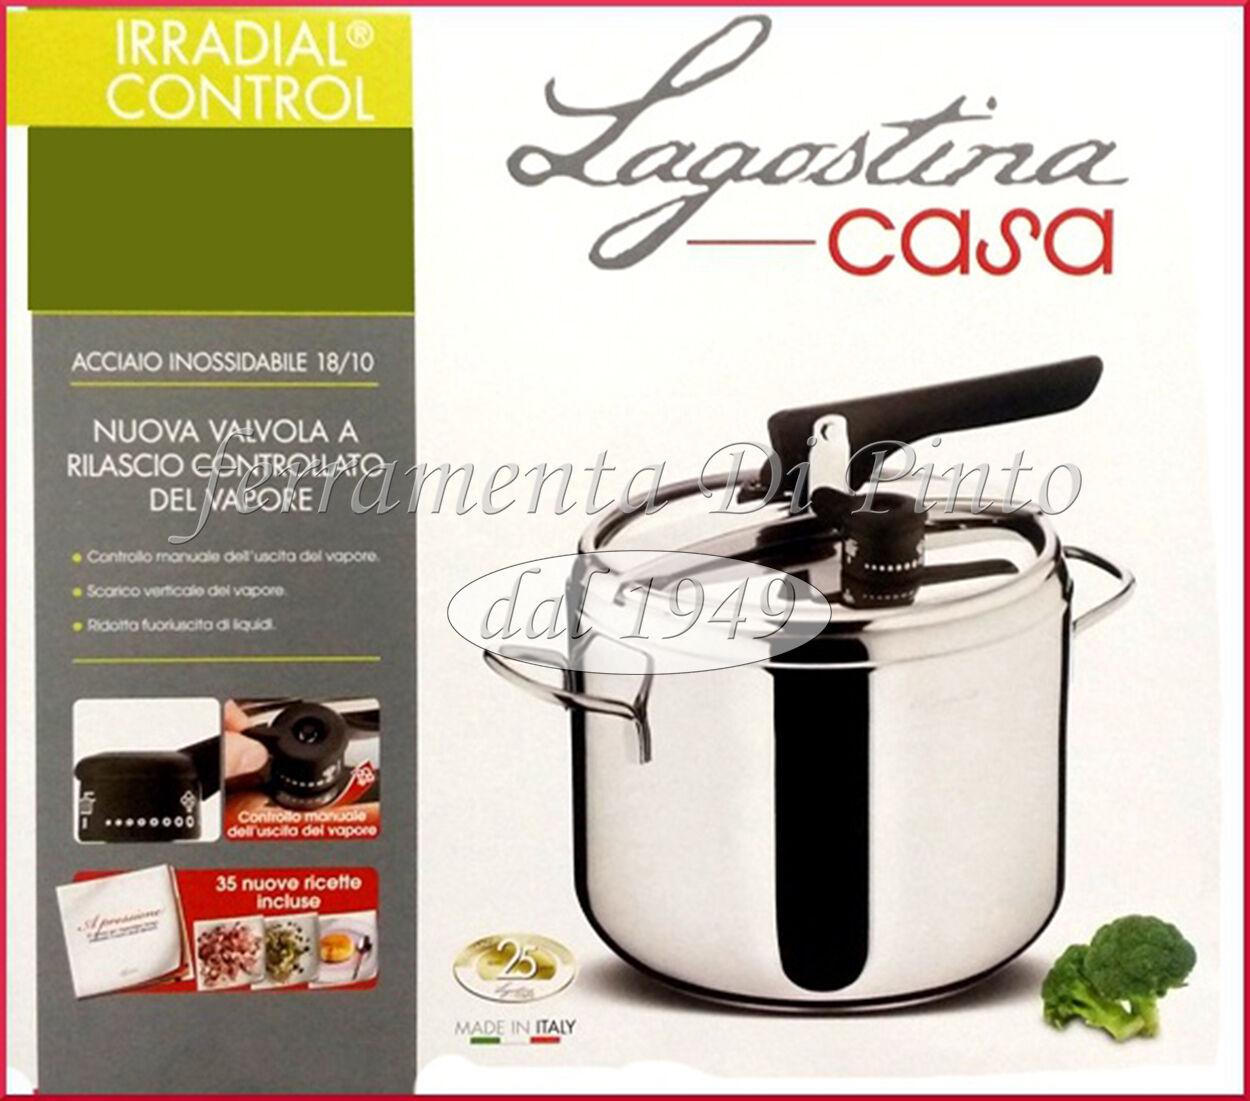 PENTOLA PRESSIONE IRRADIAL CONTROL LT 3,5 ACCIAIO INOX 18 10 LAGOSTINA CASSERUOL